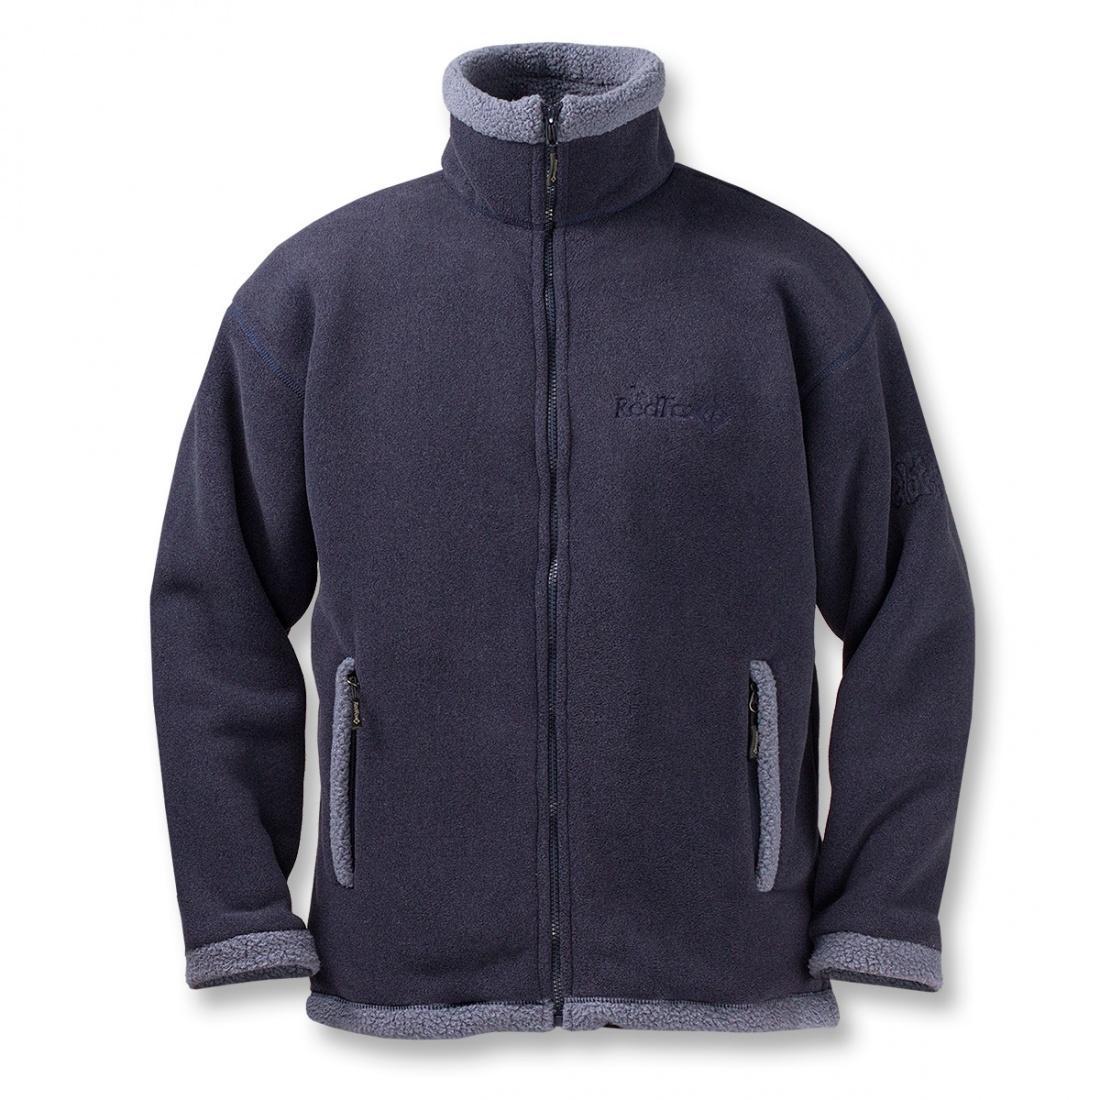 Куртка Cliff МужскаяКуртки<br><br> Модель курток Сliff признана одной из самых популярных в коллекции Red Fox среди изделий из материаловPolartec®.<br><br><br> <br><br><br><br><br>Материал –Polartec® 300, 100% PolyesterKnit, 376 g/sqm.<br>Посадка – Regula...<br><br>Цвет: Синий<br>Размер: 58